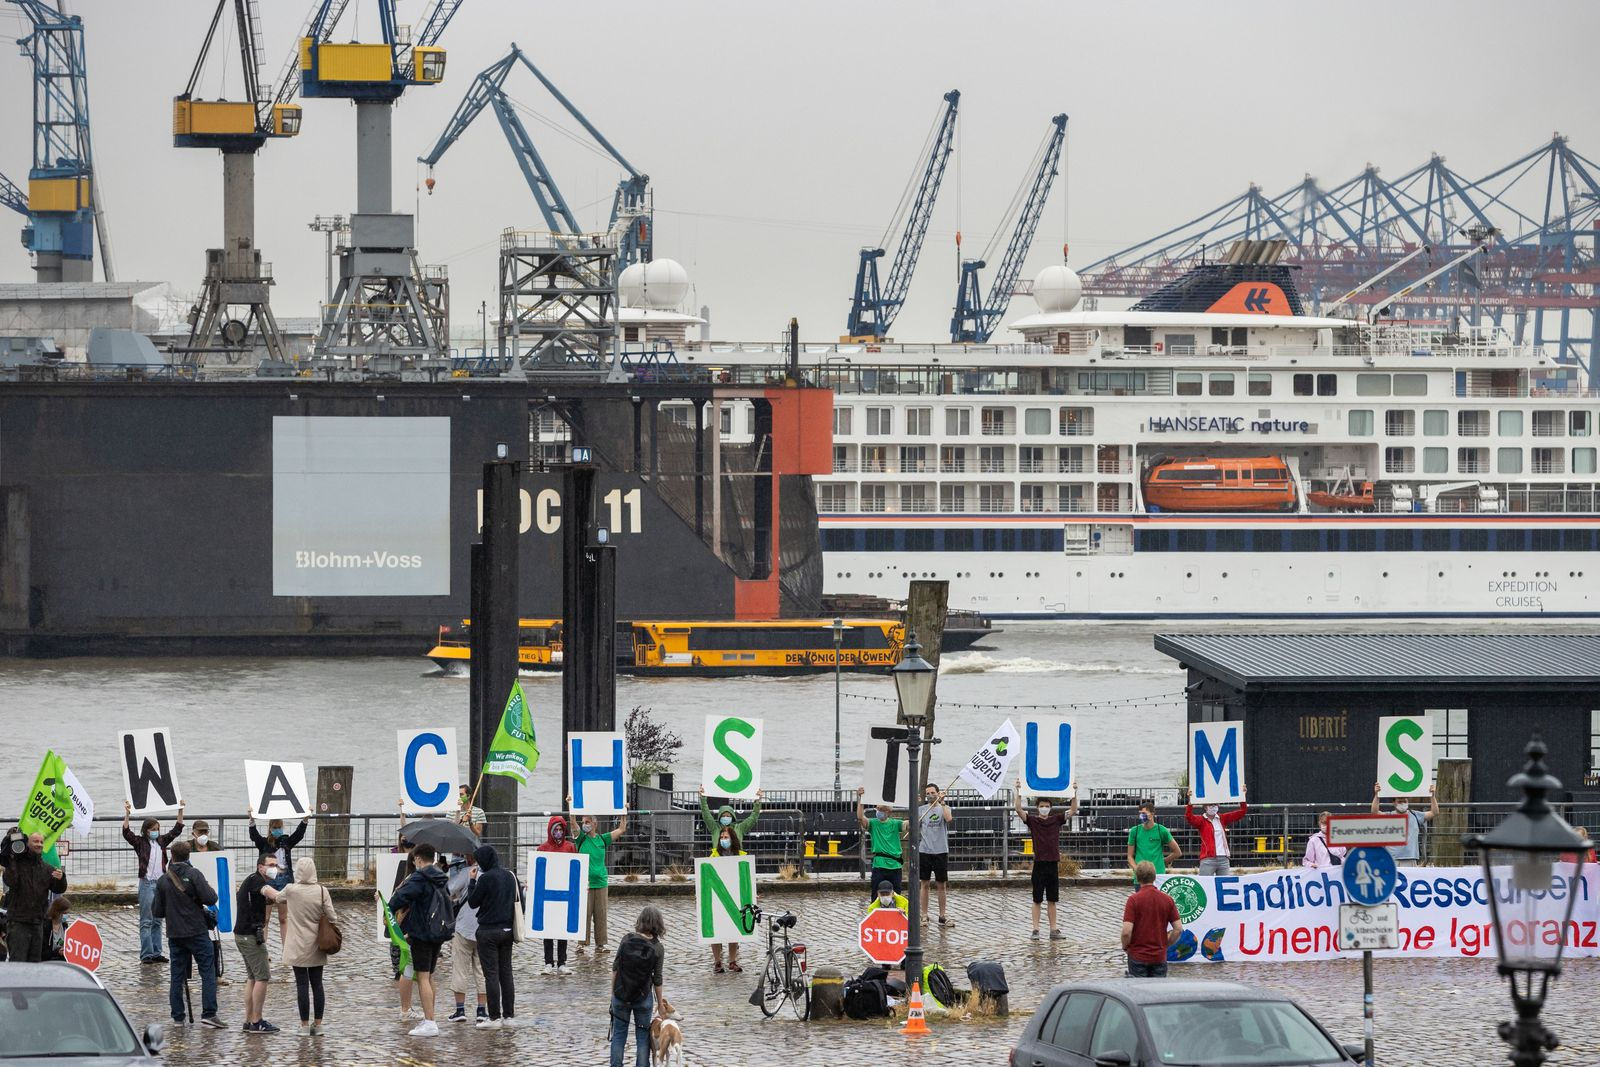 Protestaktion zu Erdüberlastungstag 2020 in Hamburg